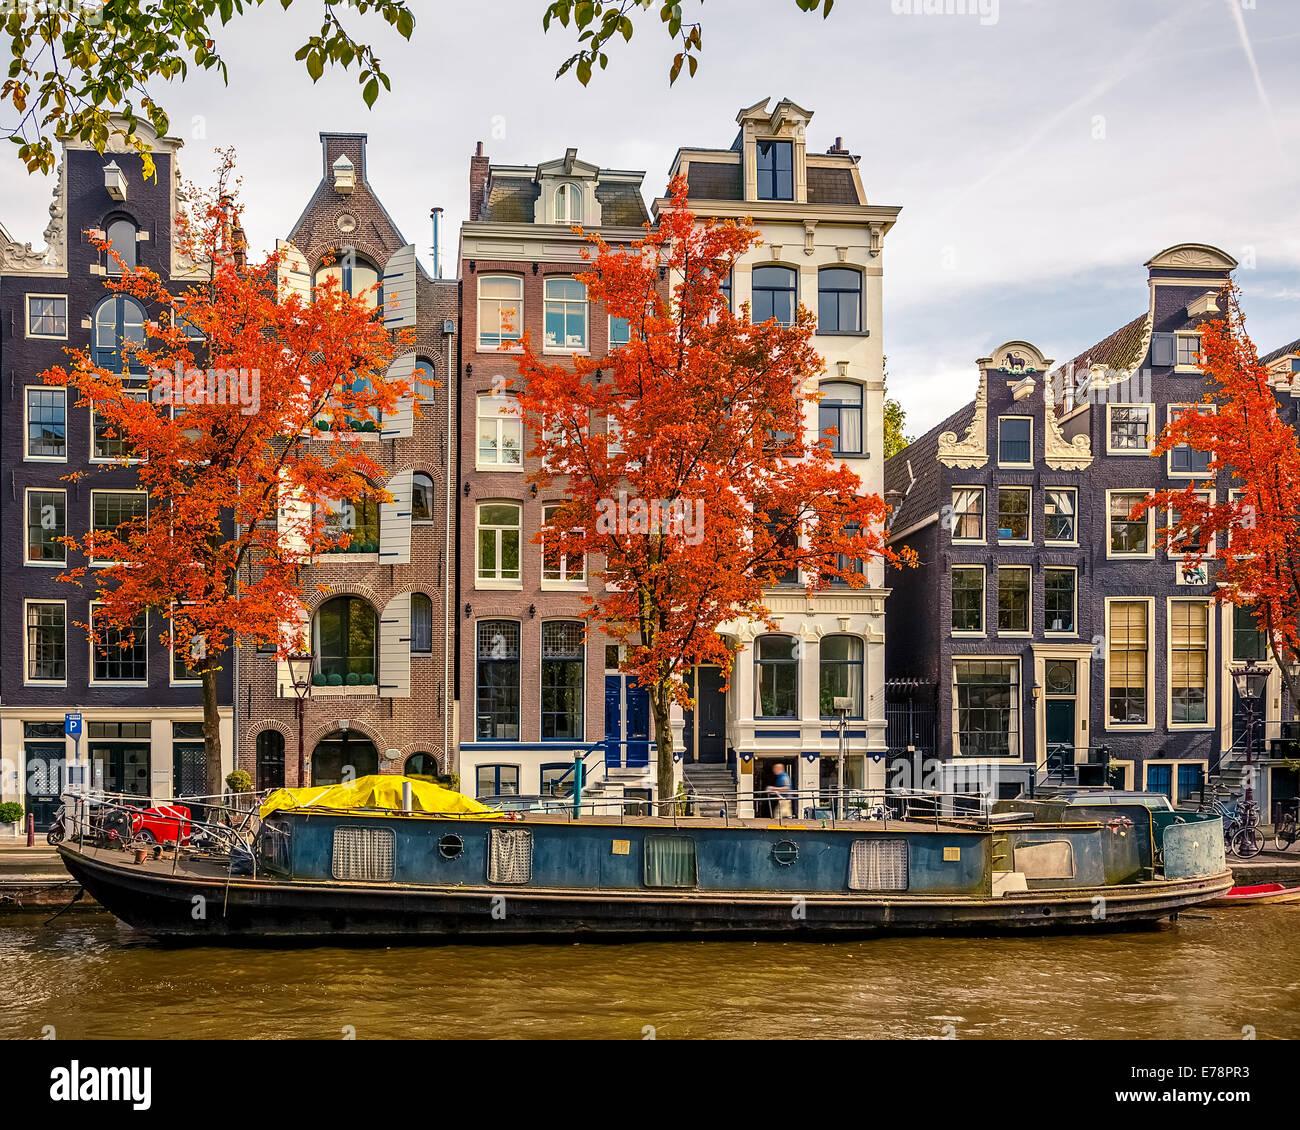 Bâtiments sur canal à Amsterdam Photo Stock